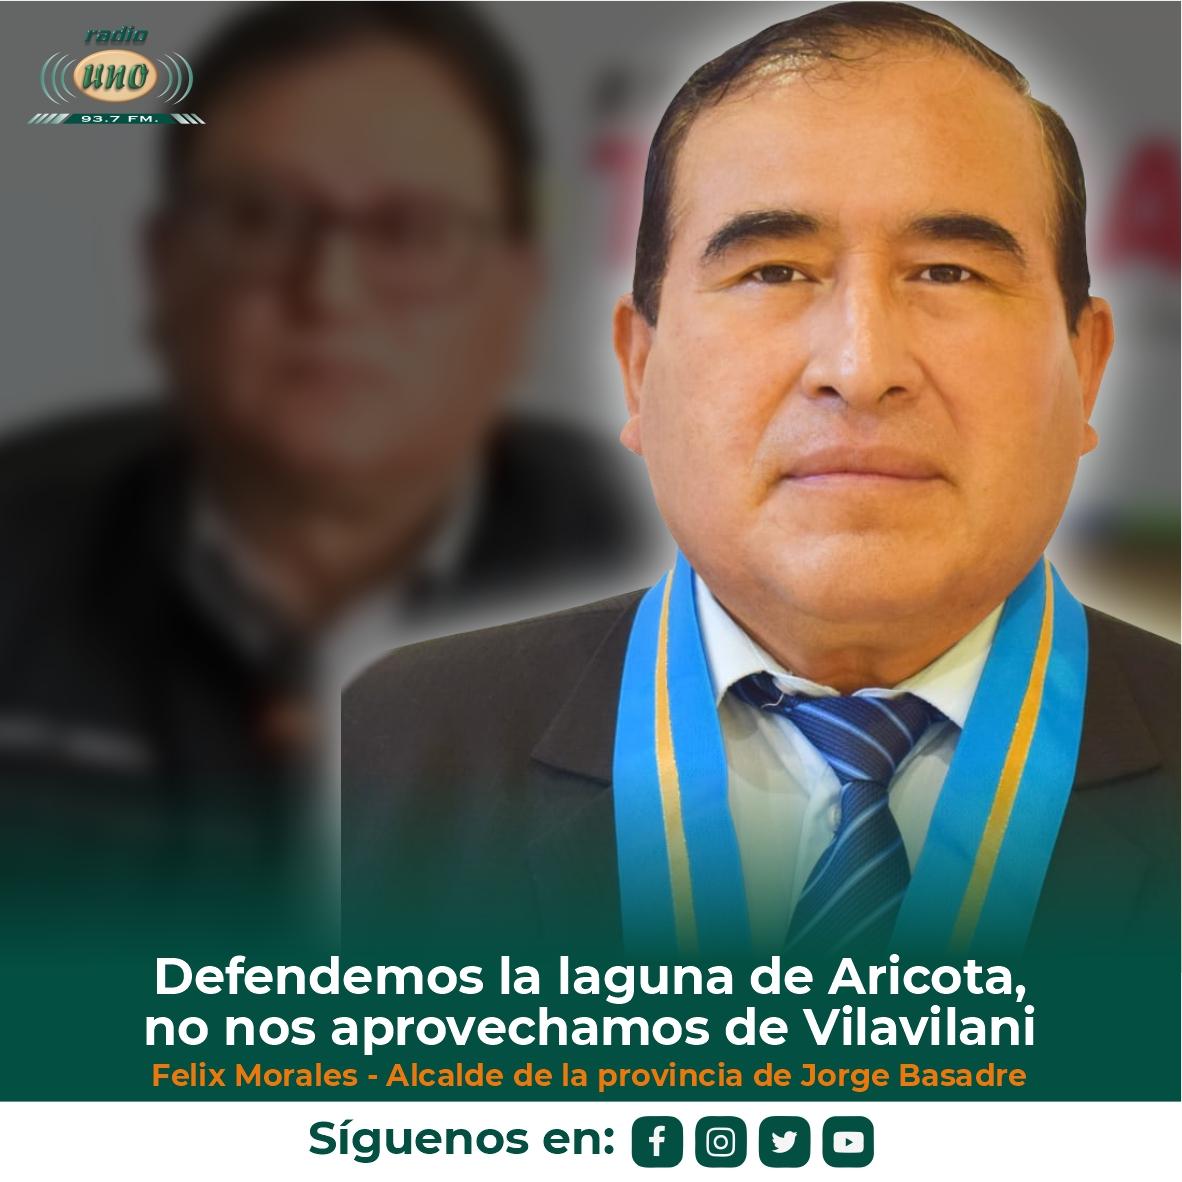 Defendemos la laguna de Aricota, no nos aprovechamos de Vilavilani